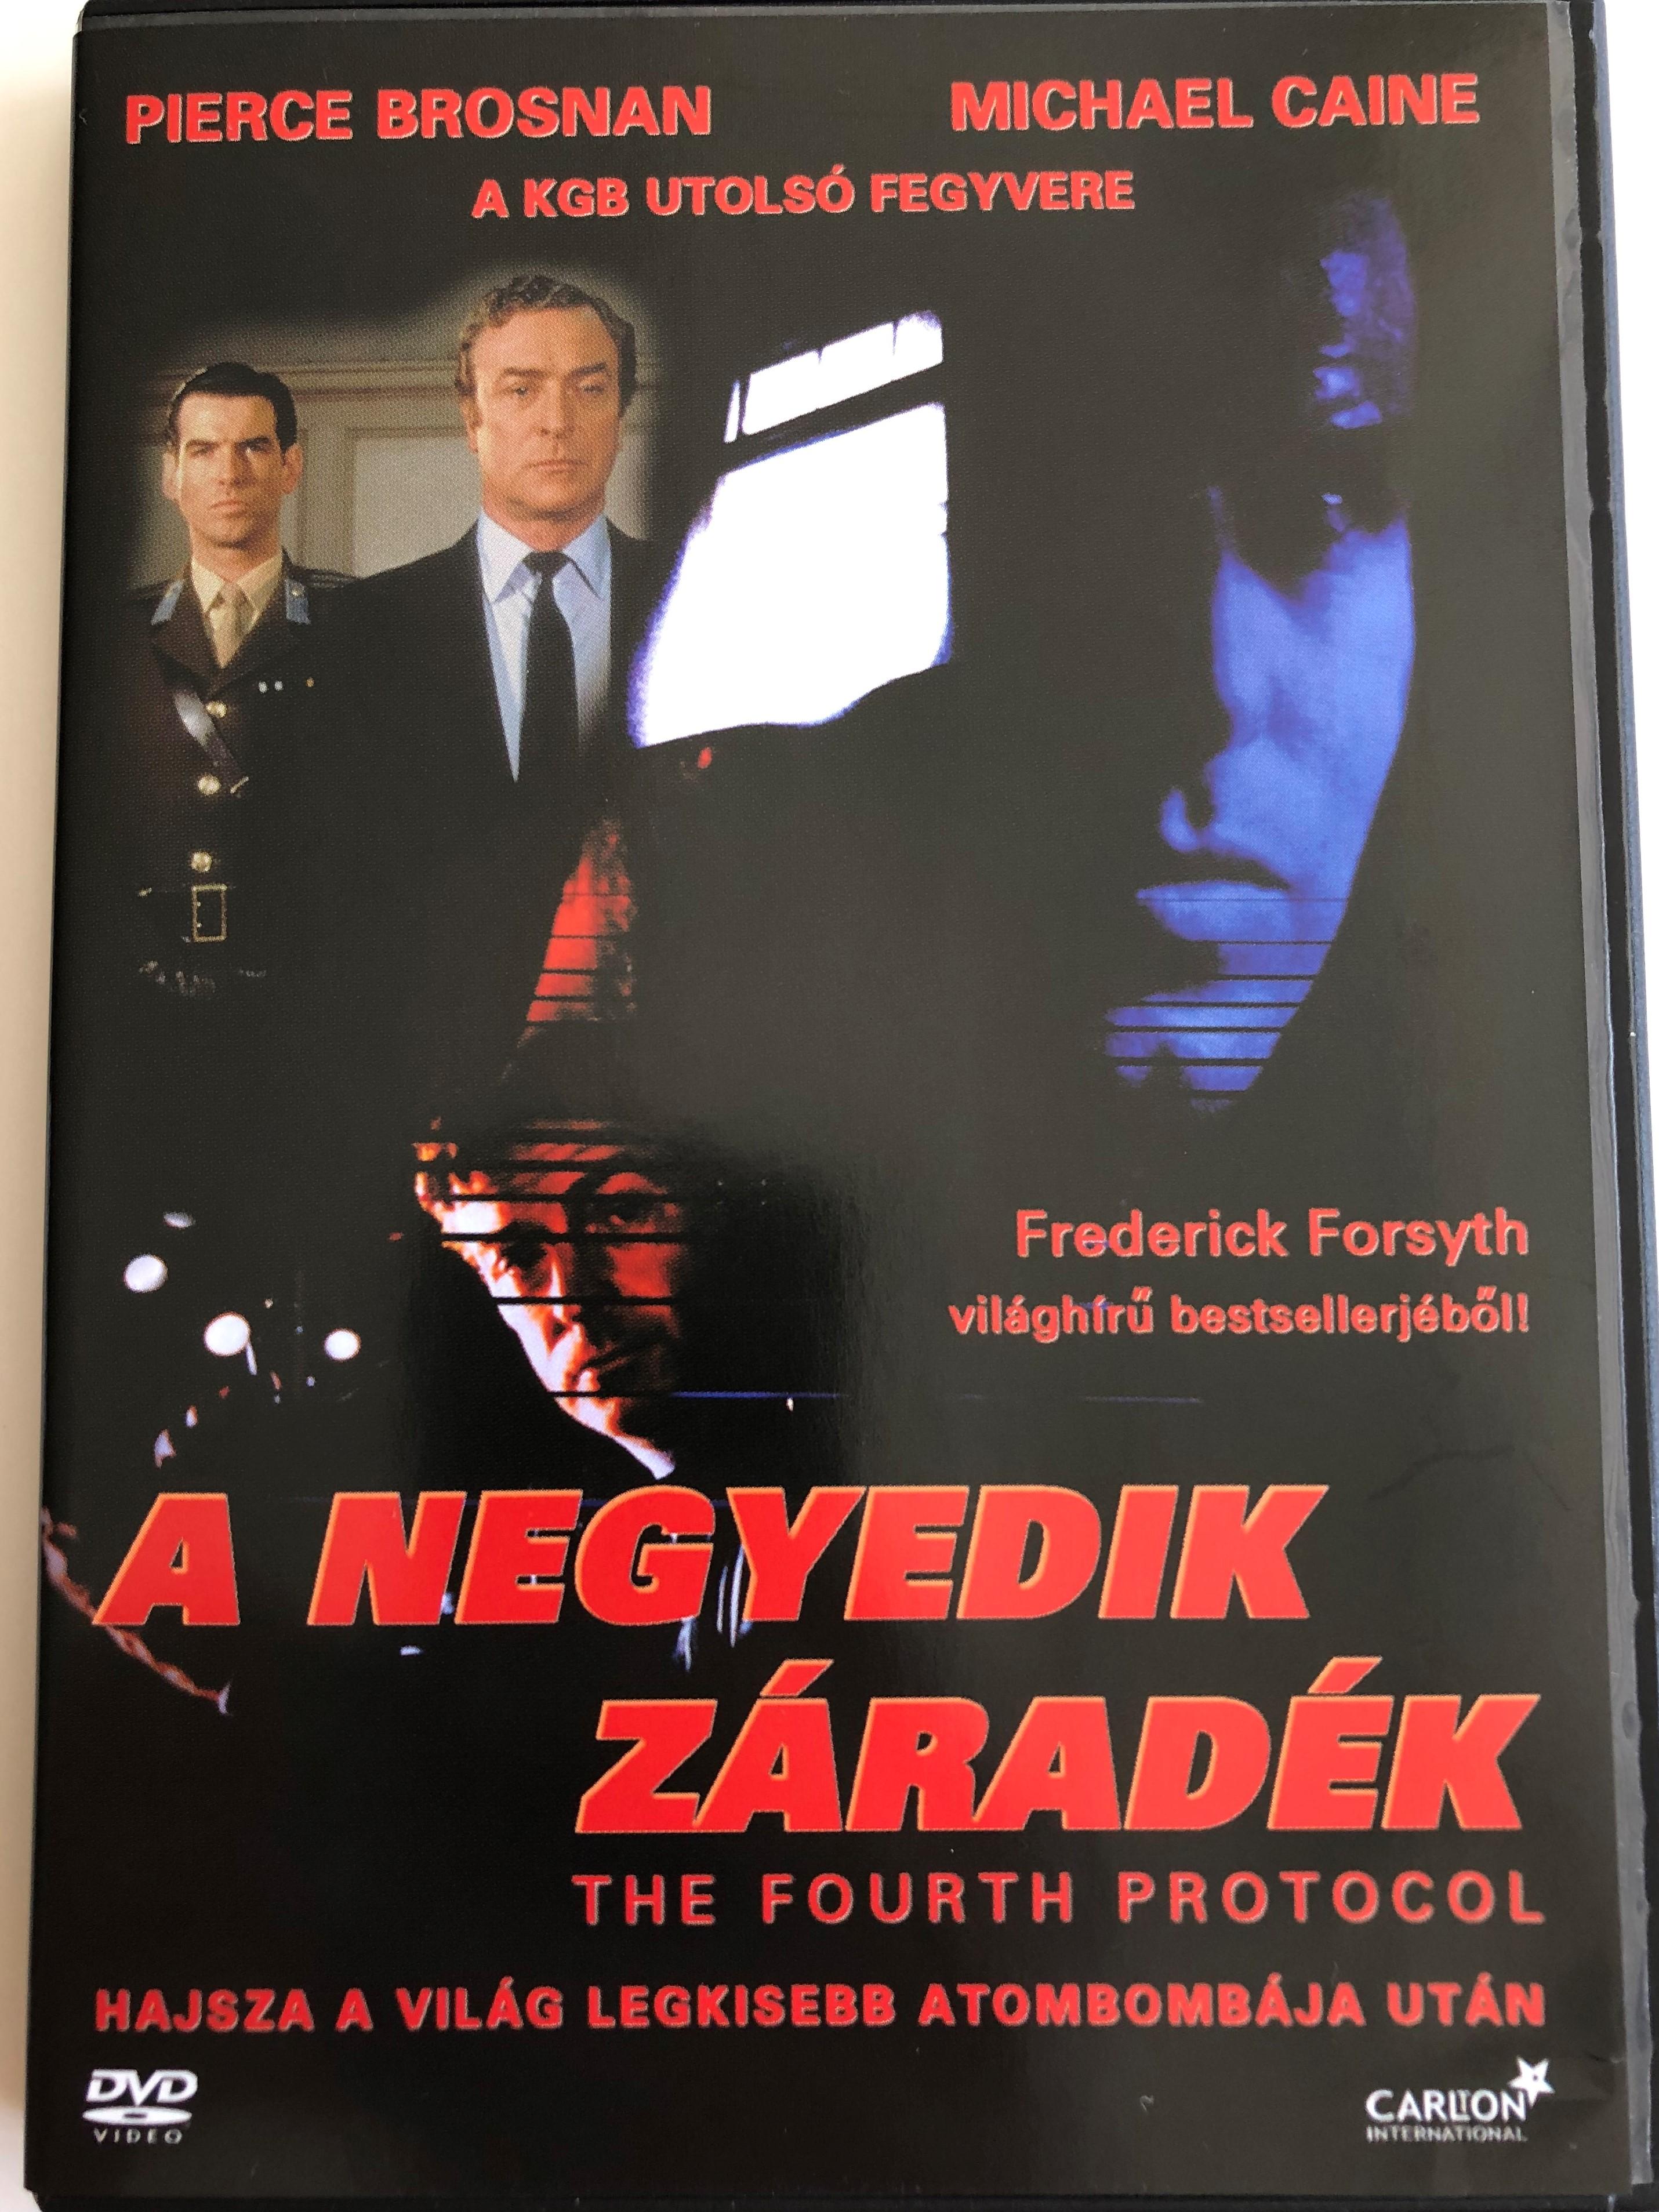 the-fourth-protocol-dvd-1987-a-negyedik-z-rad-k-directed-by-john-mackenzie-starring-pierce-brosnan-michael-caine-based-on-frederick-forsyth-s-bestseller-1-.jpg